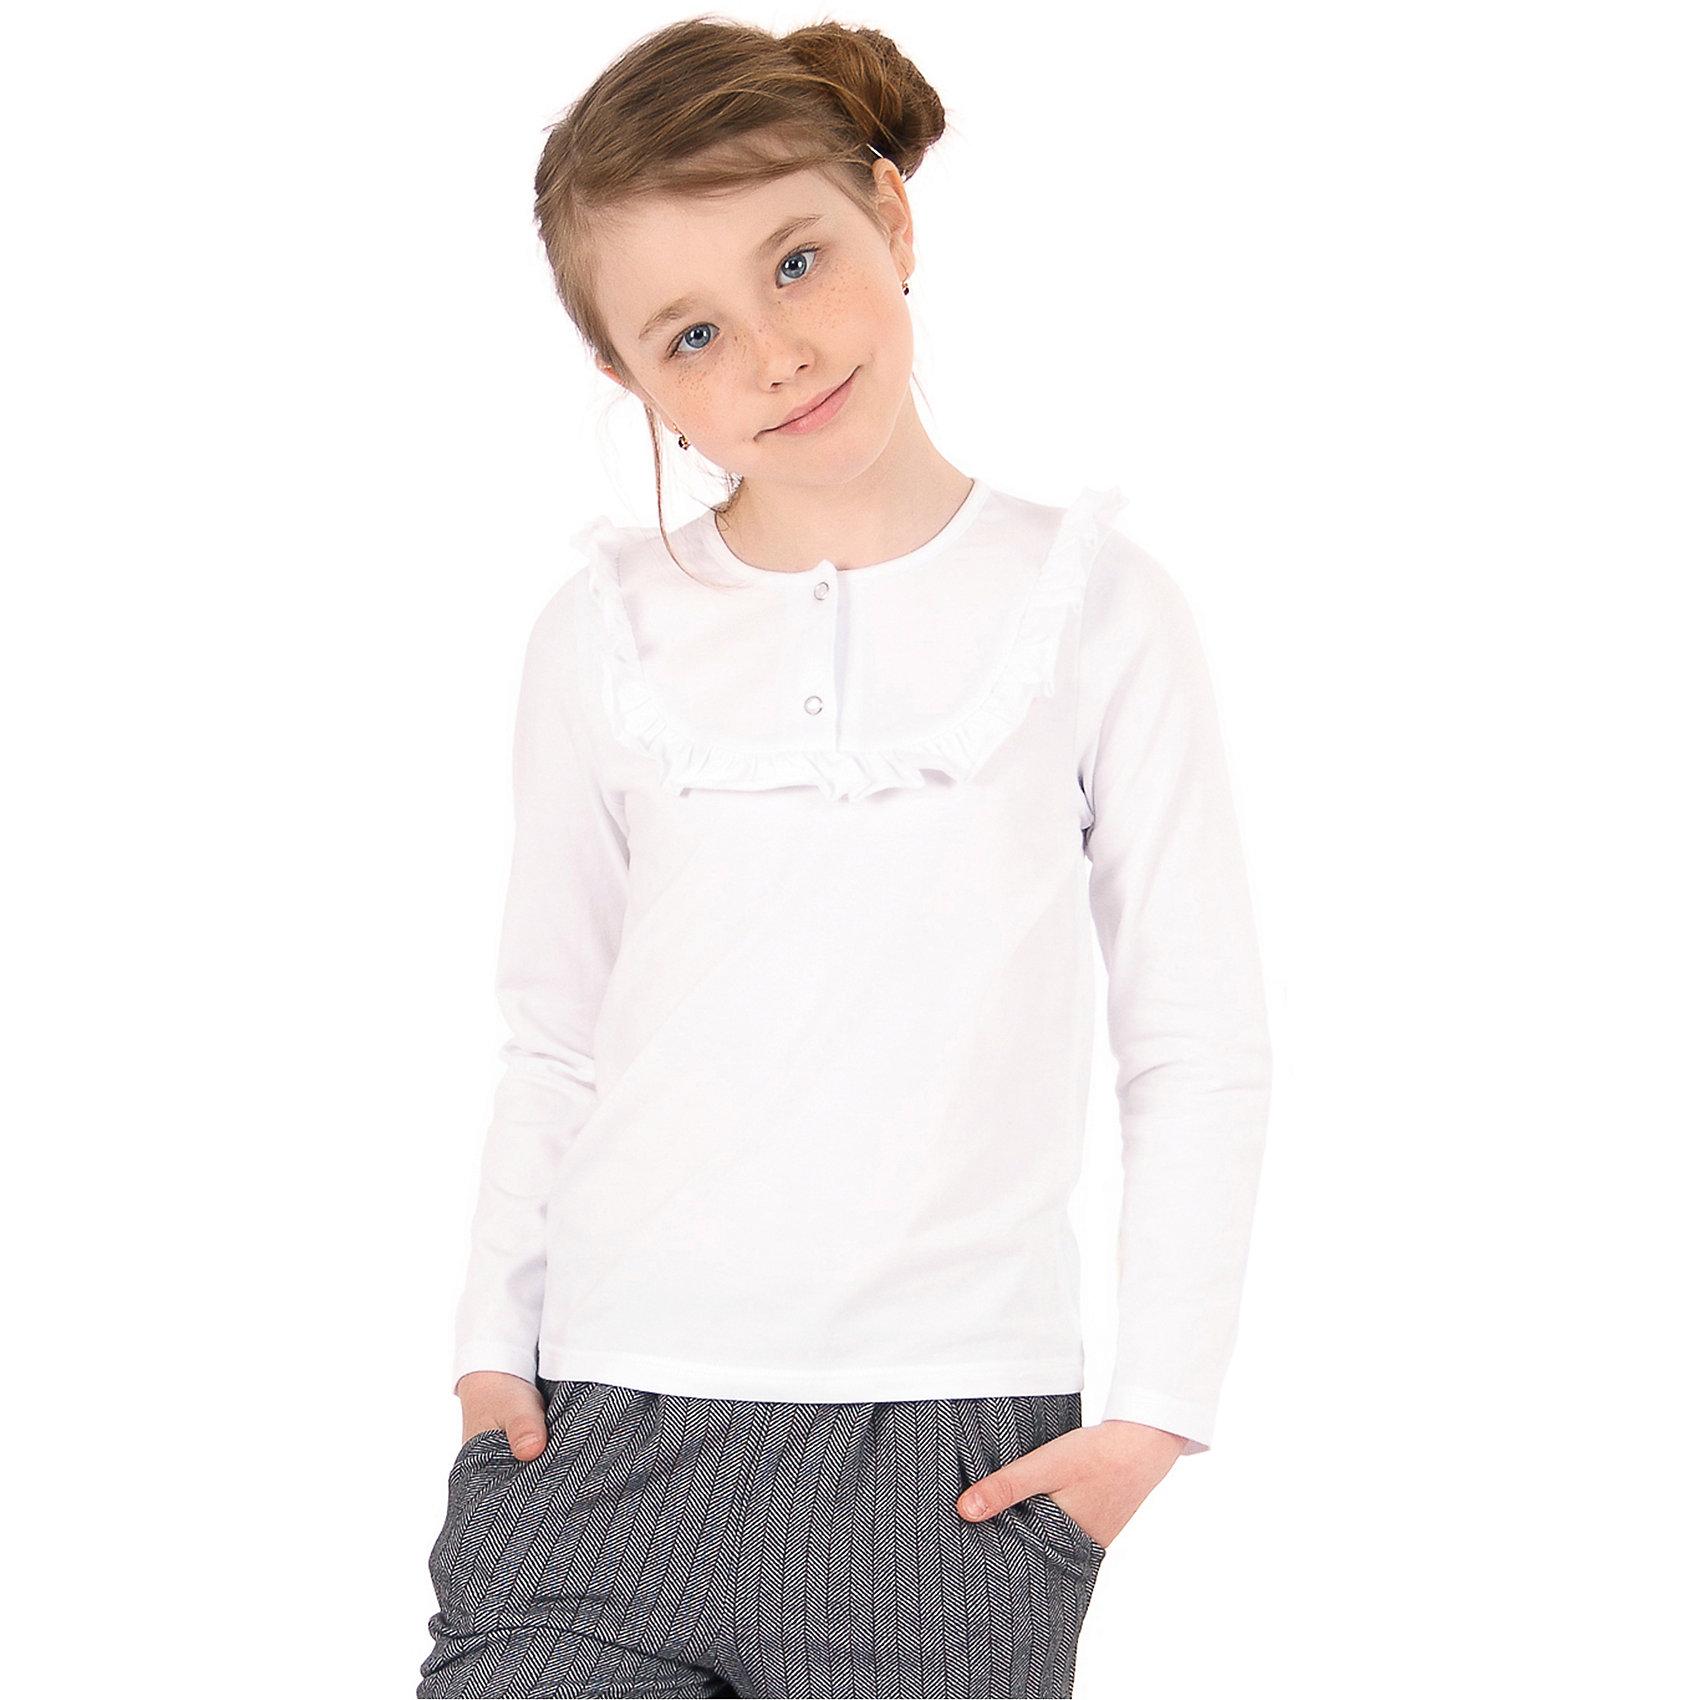 Футболка с длинным рукавом для девочки АпрельБлузки и рубашки<br>Характеристики товара:<br><br>• цвет: белый<br>• состав ткани: хлопок<br>• особенности: школьная<br>• длинные рукава<br>• воротник с рюшами<br>• сезон: круглый год<br>• страна бренда: Россия<br>• страна изготовитель: Россия<br><br>Хлопковая белая футболка с длинным рукавом для девочки Апрель - базовая вещь гардероба. Школьная одежда от компании Апрель - это удобно и красиво.<br><br>Это - отличный вариант практичной и стильной школьной одежды. Трикотажная футболка с длинным рукавом из белого трикотажа поможет ребенку выглядеть стильно и соответствовать школьному дресс-коду. <br><br>Футболку с длинным рукавом для девочки Апрель можно купить в нашем интернет-магазине.<br><br>Ширина мм: 230<br>Глубина мм: 40<br>Высота мм: 220<br>Вес г: 250<br>Цвет: белый<br>Возраст от месяцев: 120<br>Возраст до месяцев: 132<br>Пол: Женский<br>Возраст: Детский<br>Размер: 146,116,122,128,134,140<br>SKU: 6942151